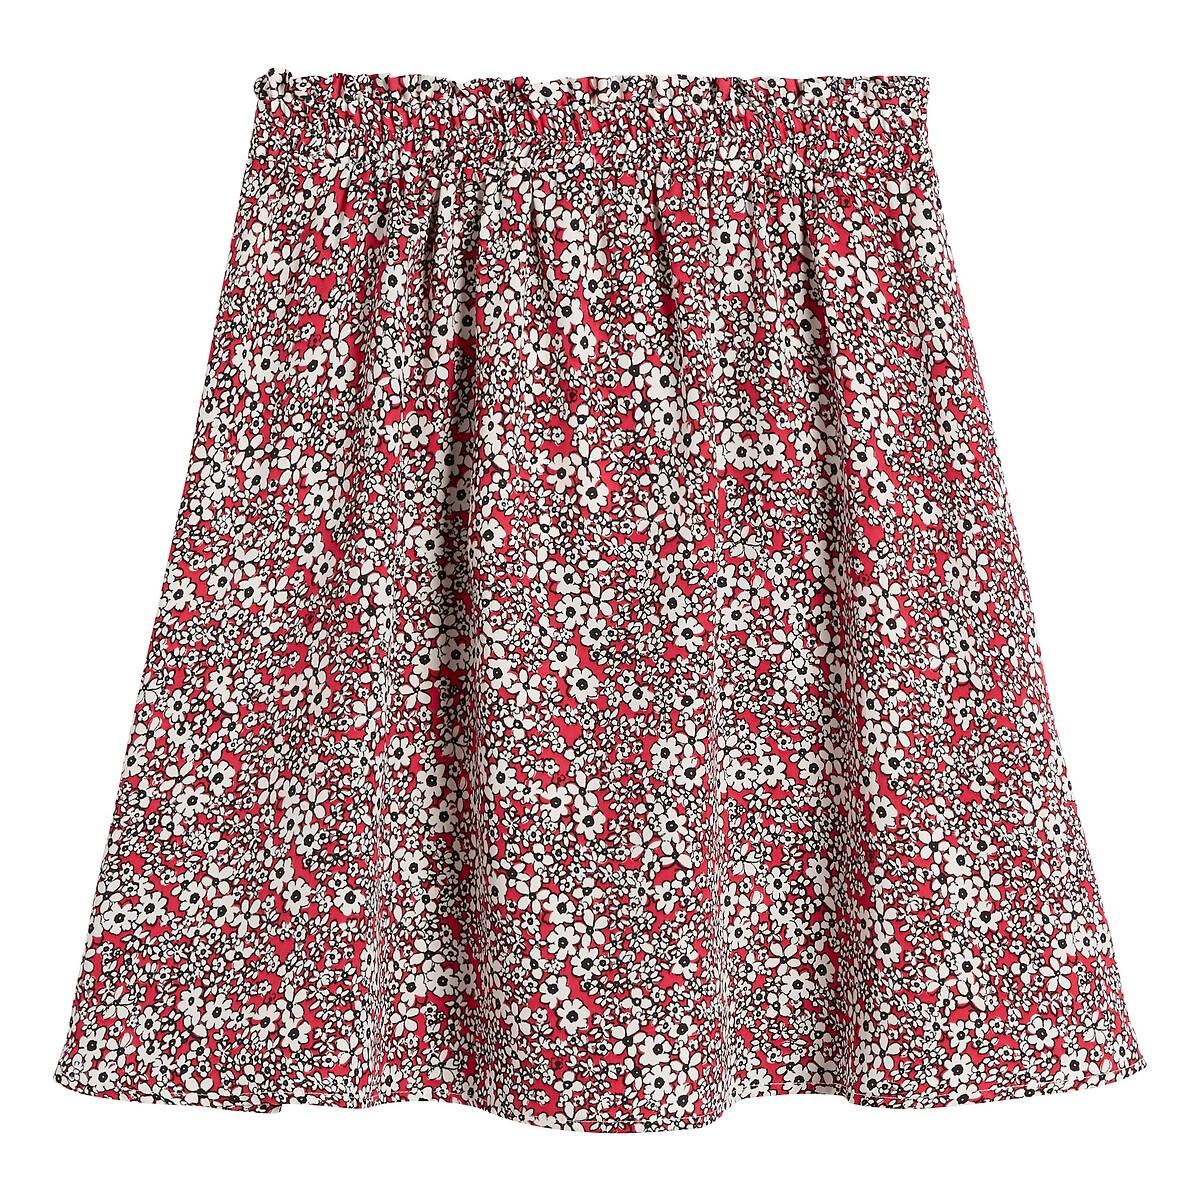 Falda corta, con estampado de flores